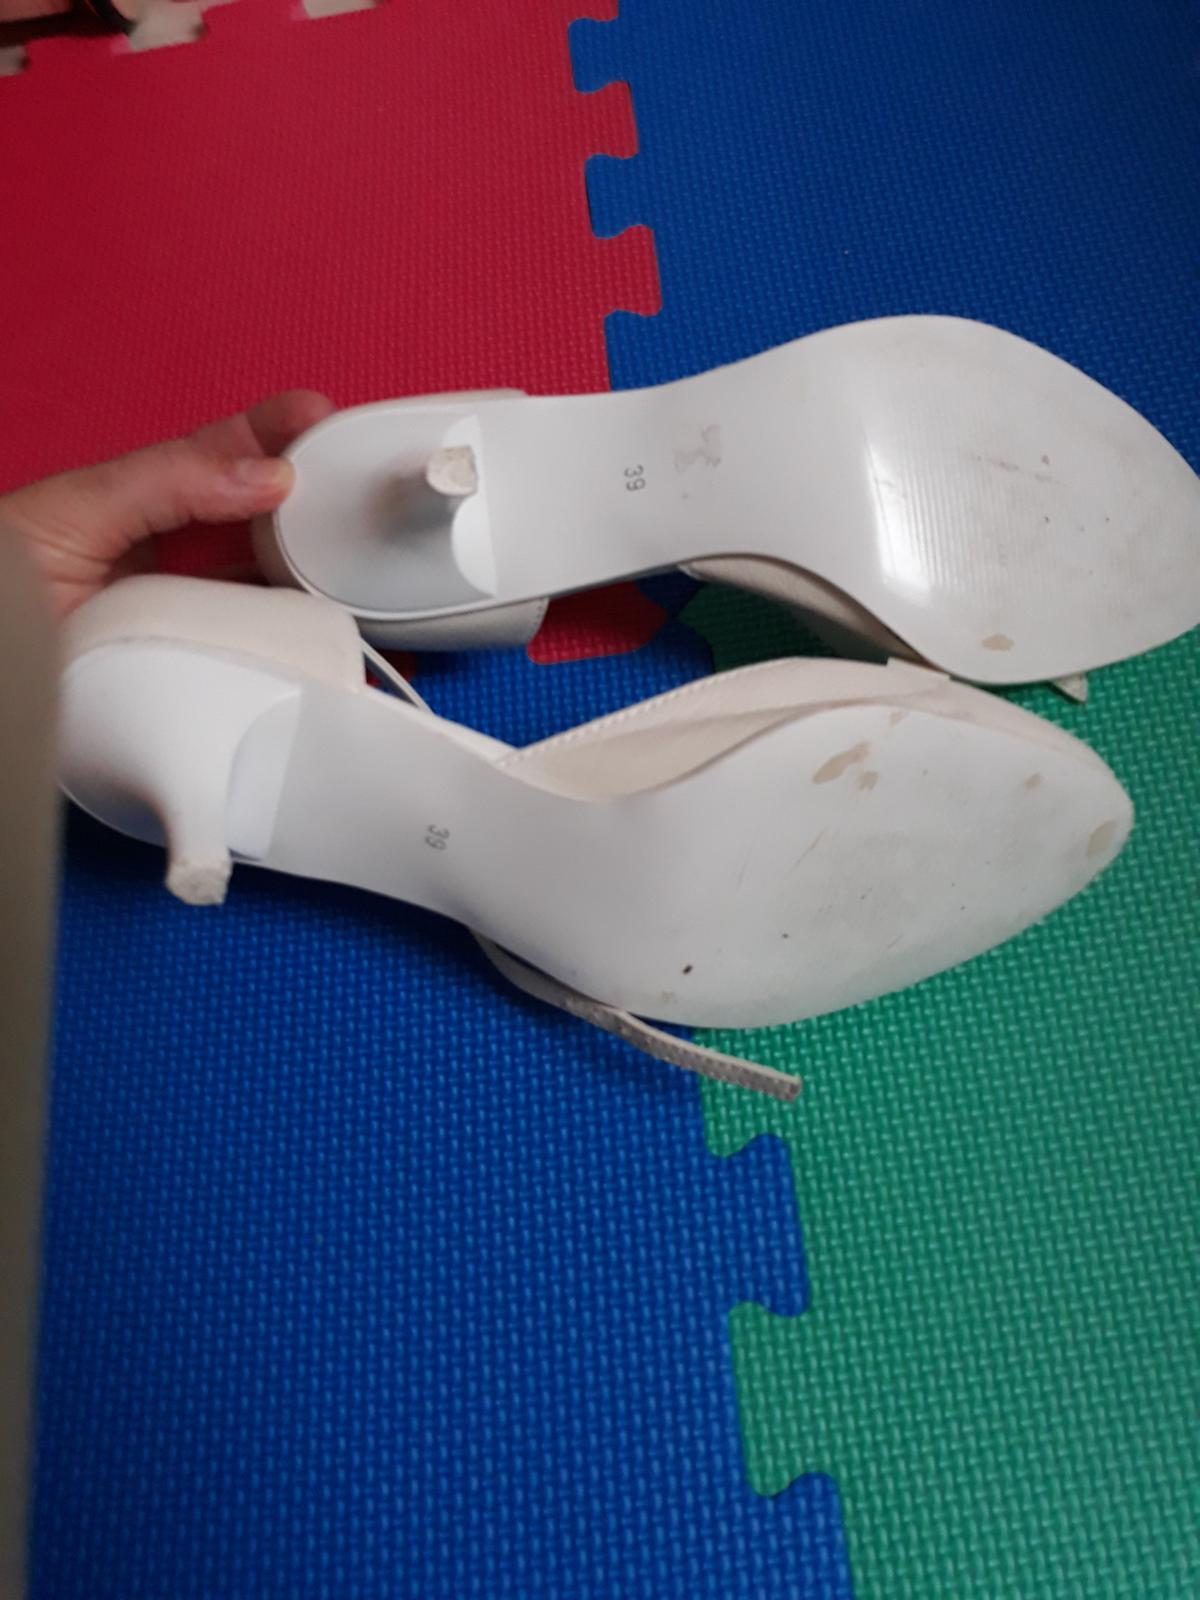 Svadobne topánky  - Obrázok č. 2